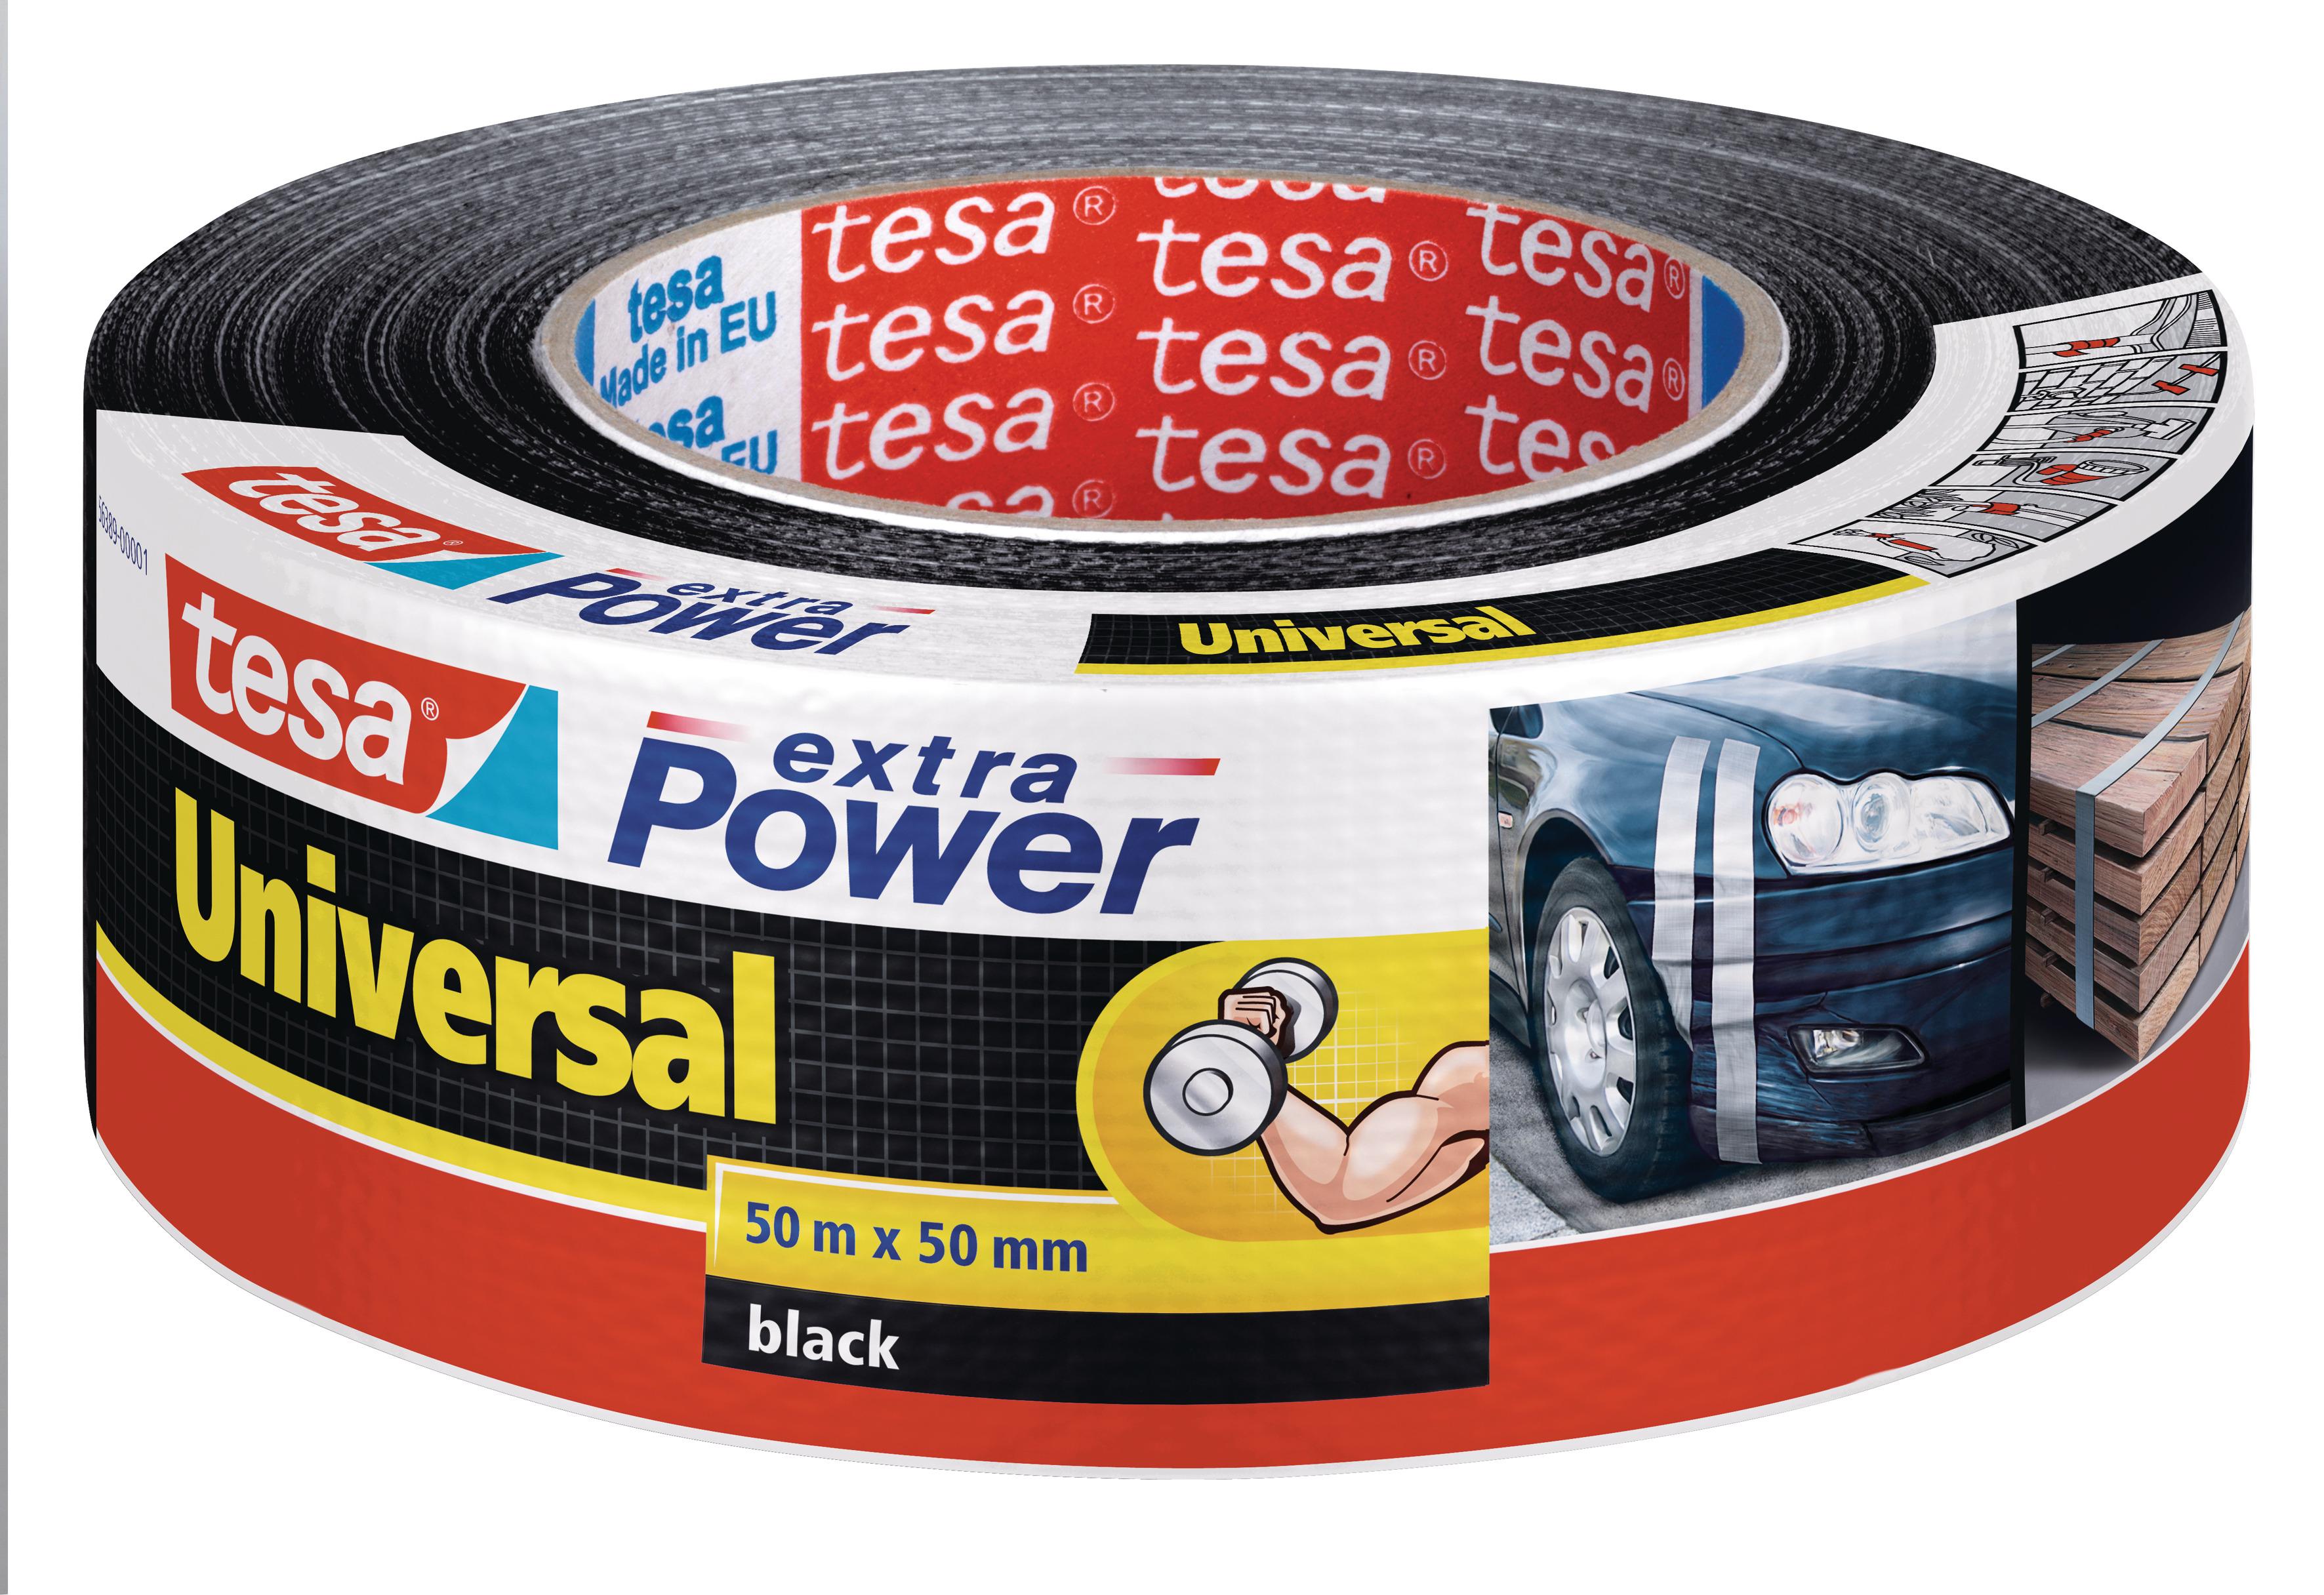 Vorschau: GP: 0,13 EUR/m tesa extra Power Universal schwarz 50m x 50mm